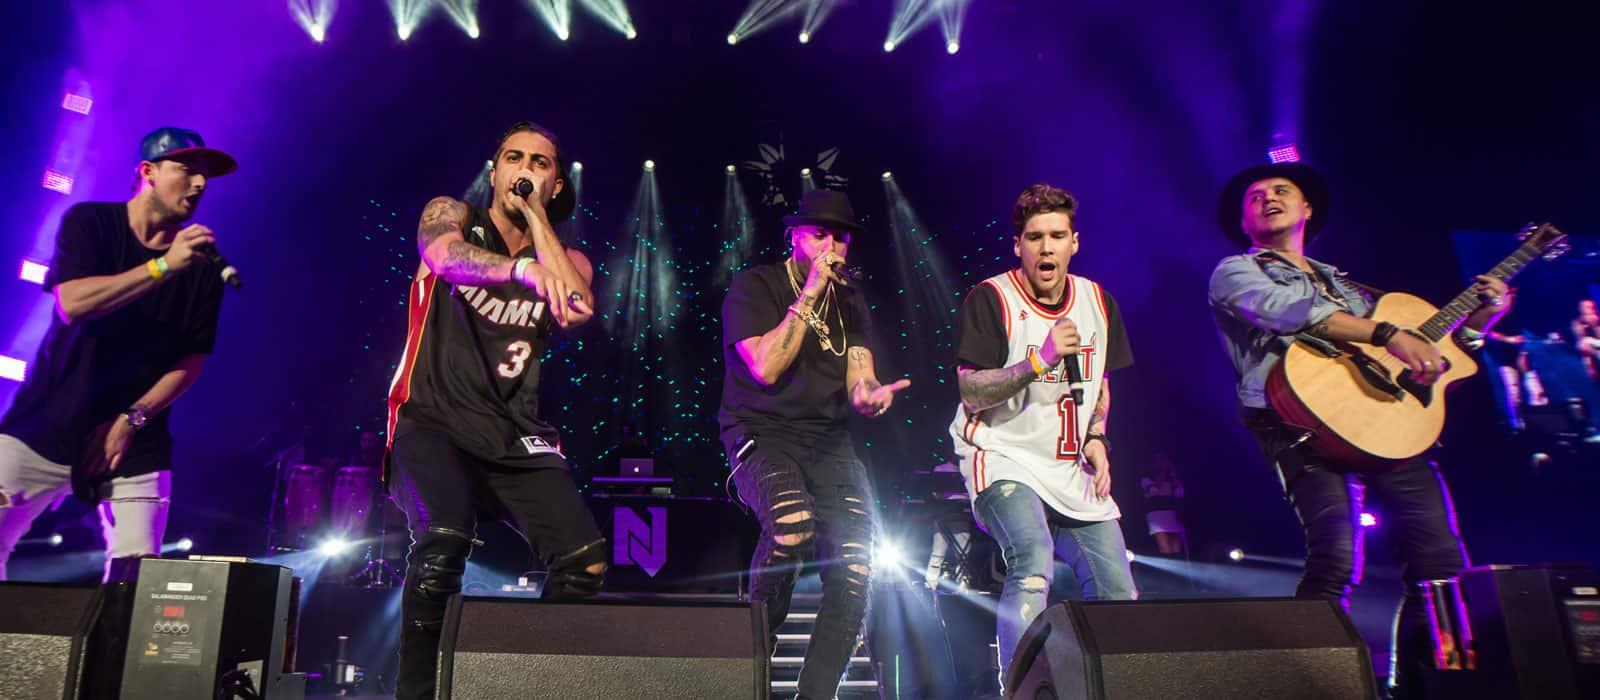 artistas cantando reggaeton